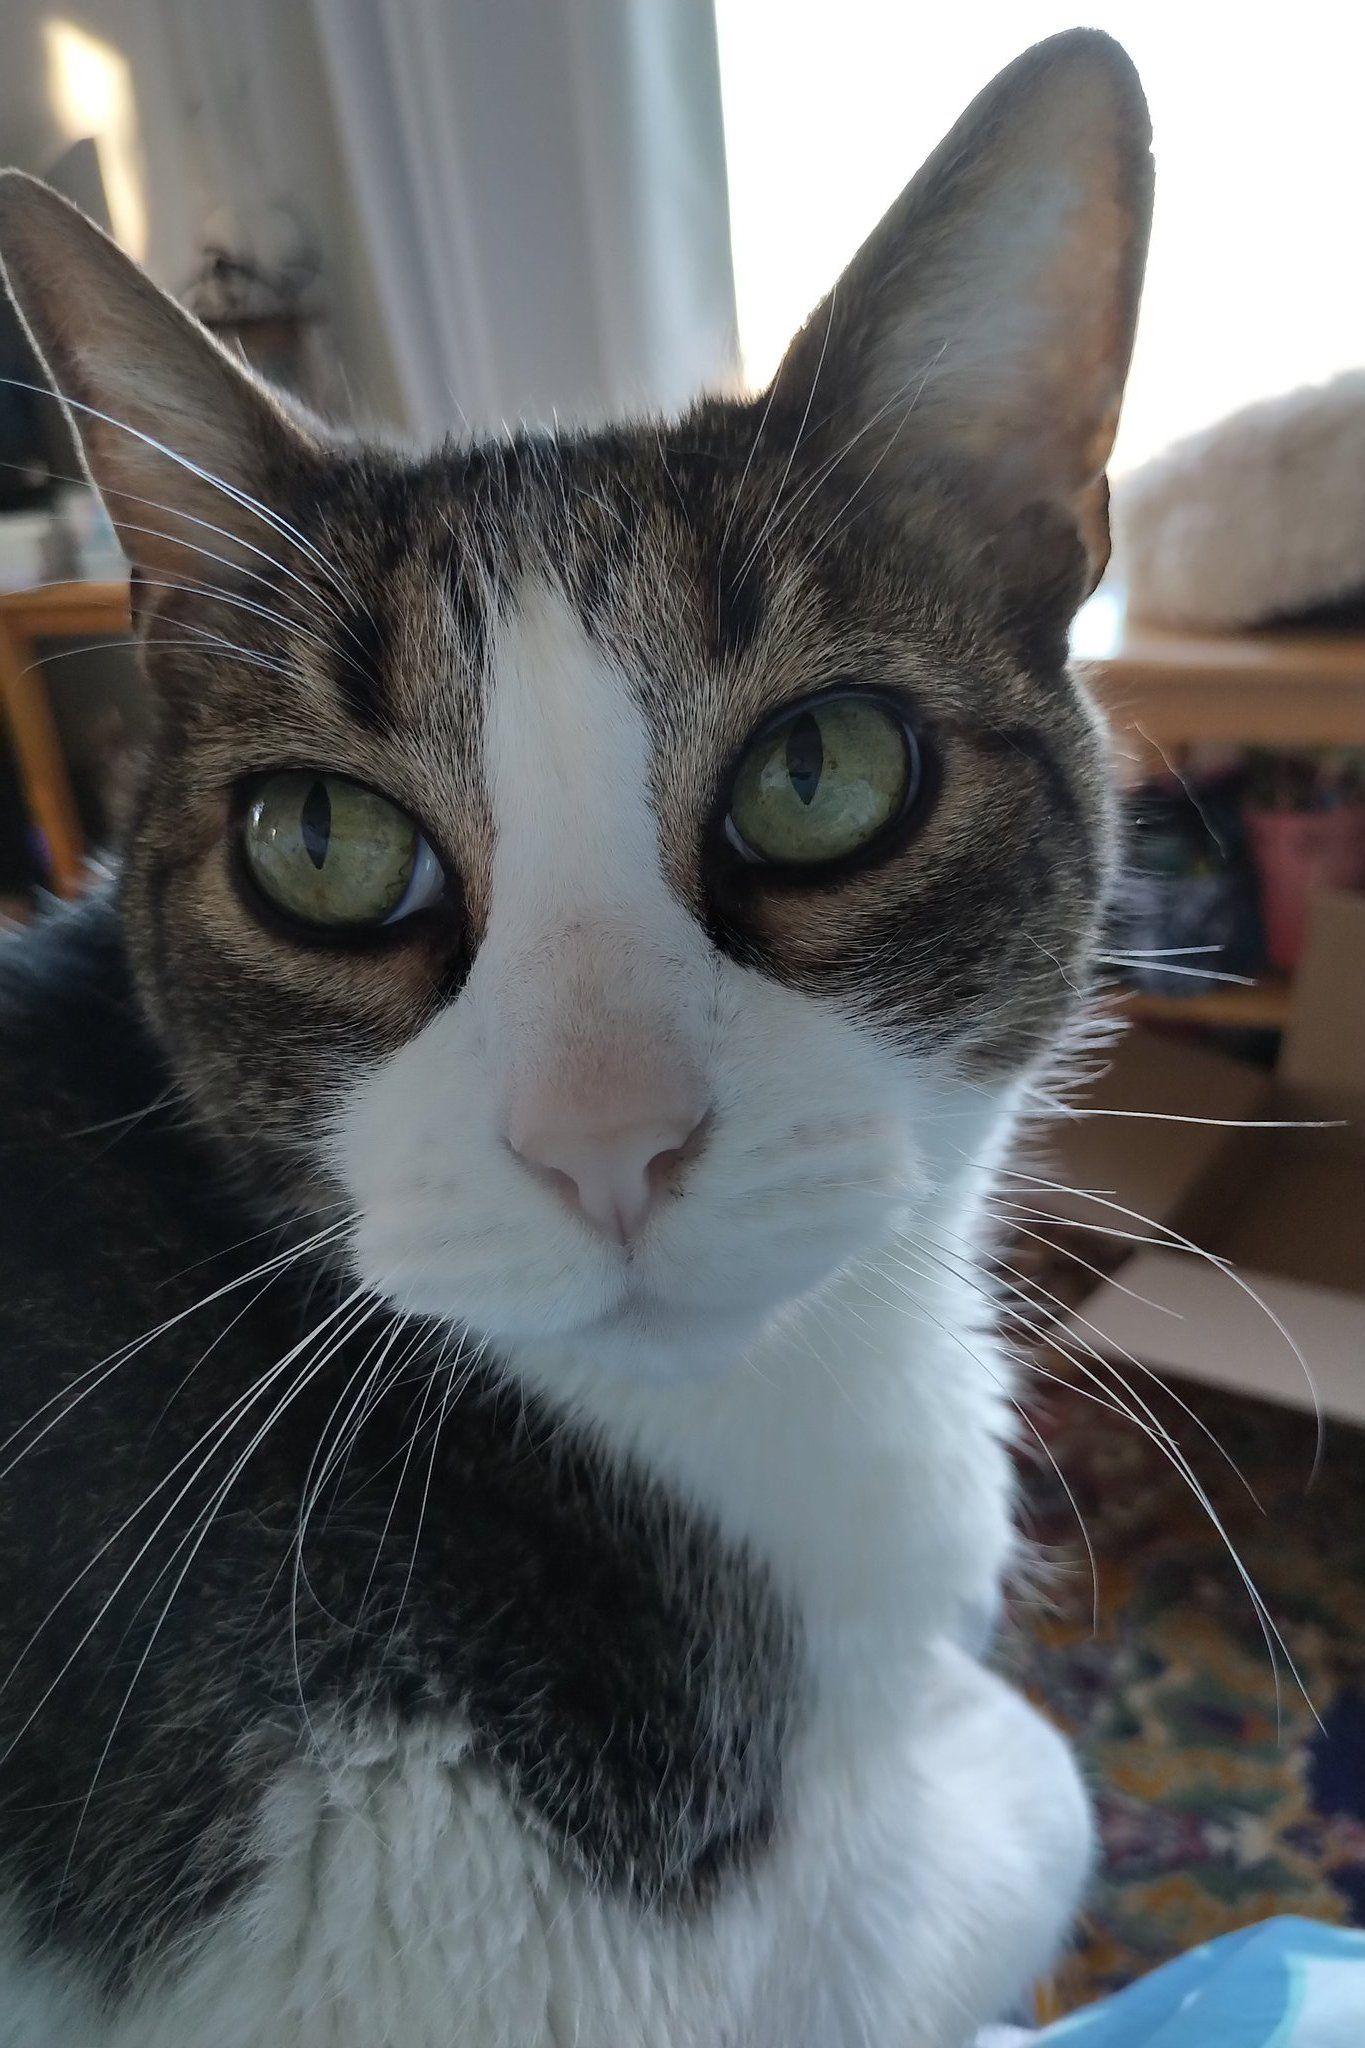 Tolstoy El Gato On Twitter Gatos Cats Kitty